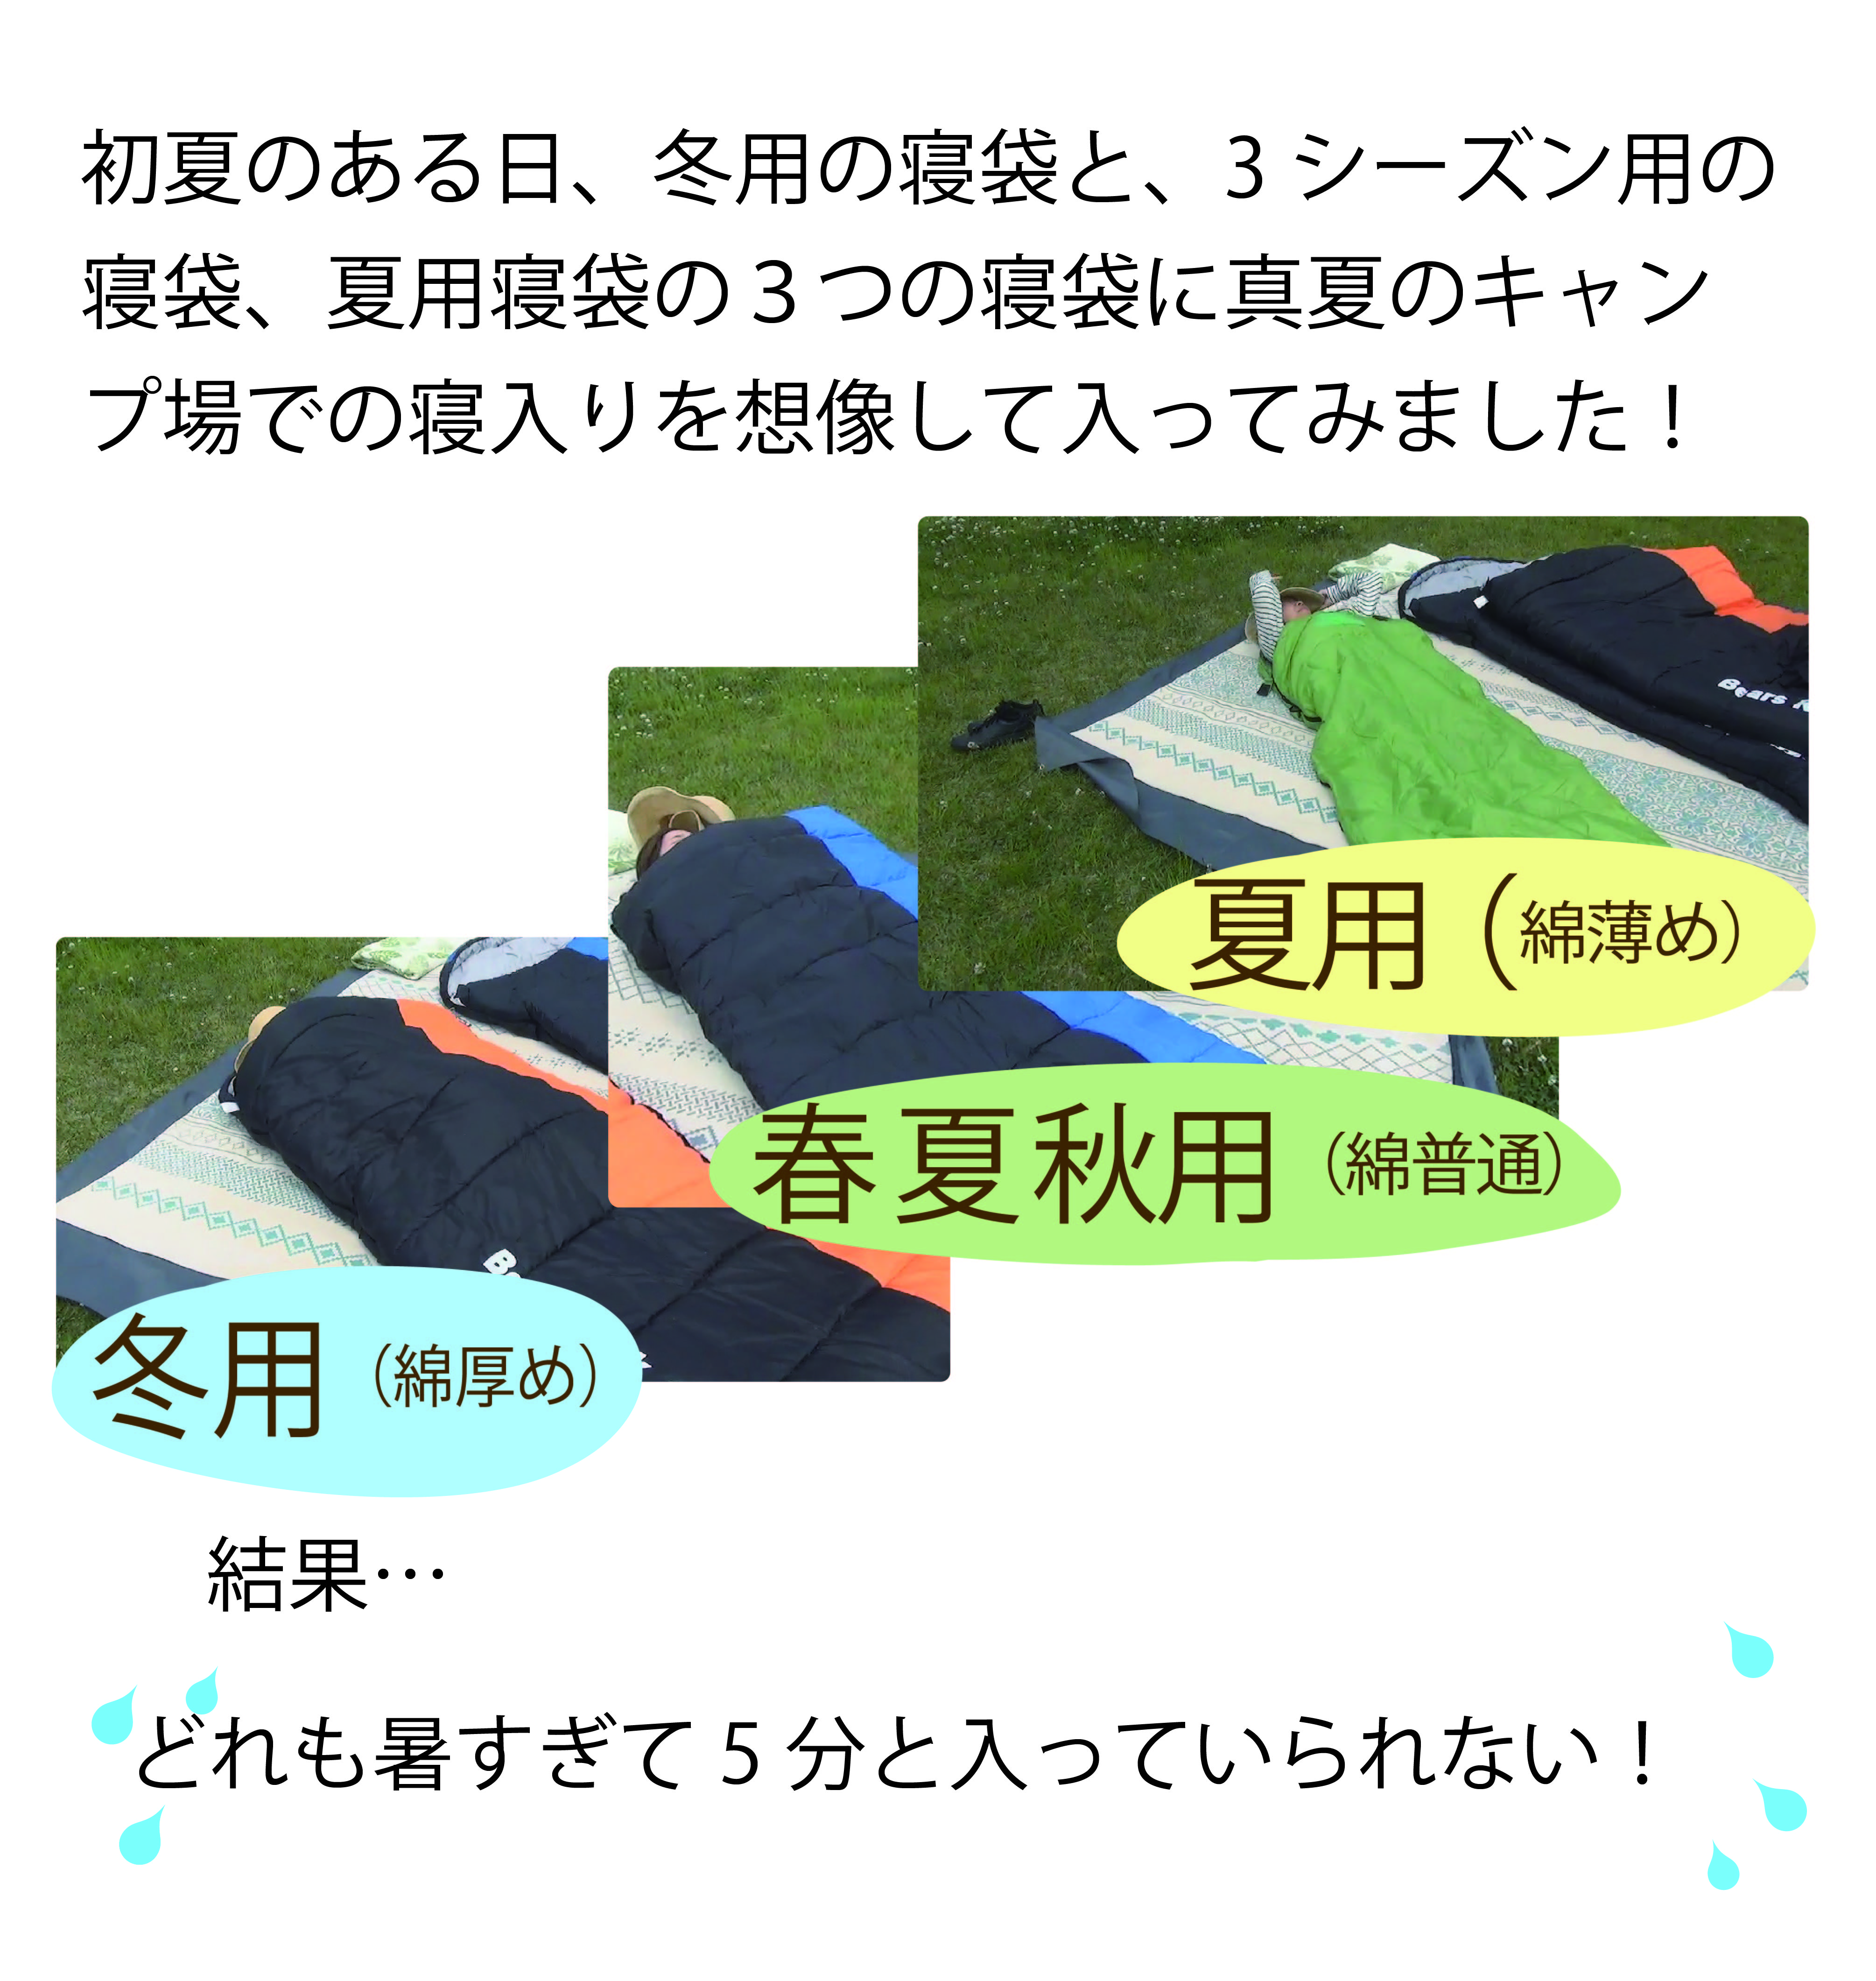 #001初心者向けの夏の寝袋の選び方-06